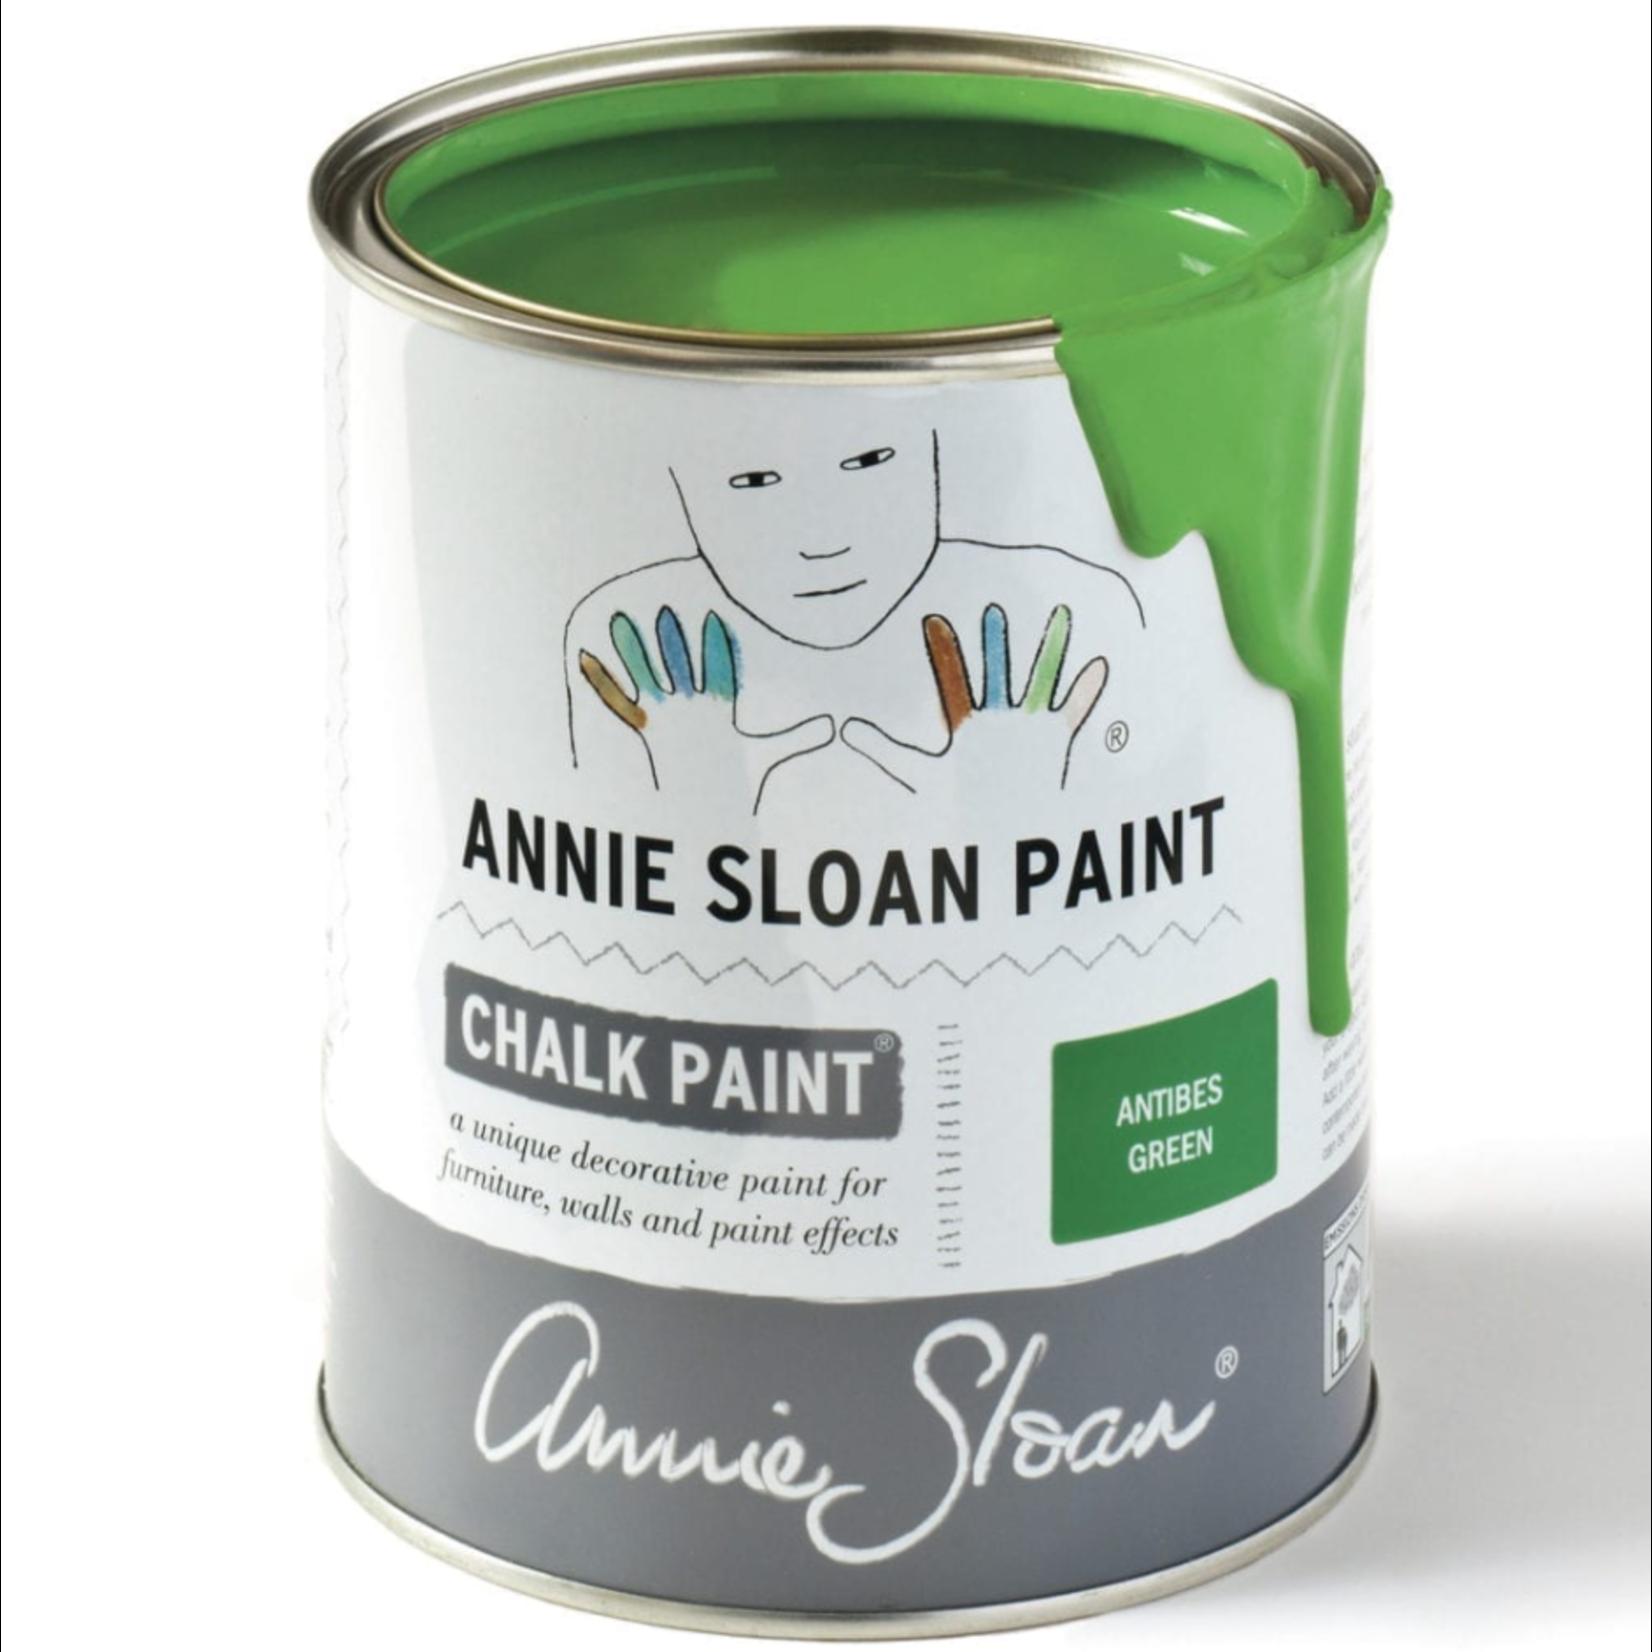 Annie Sloan Annie Sloan Antibes Green Chalk Paint